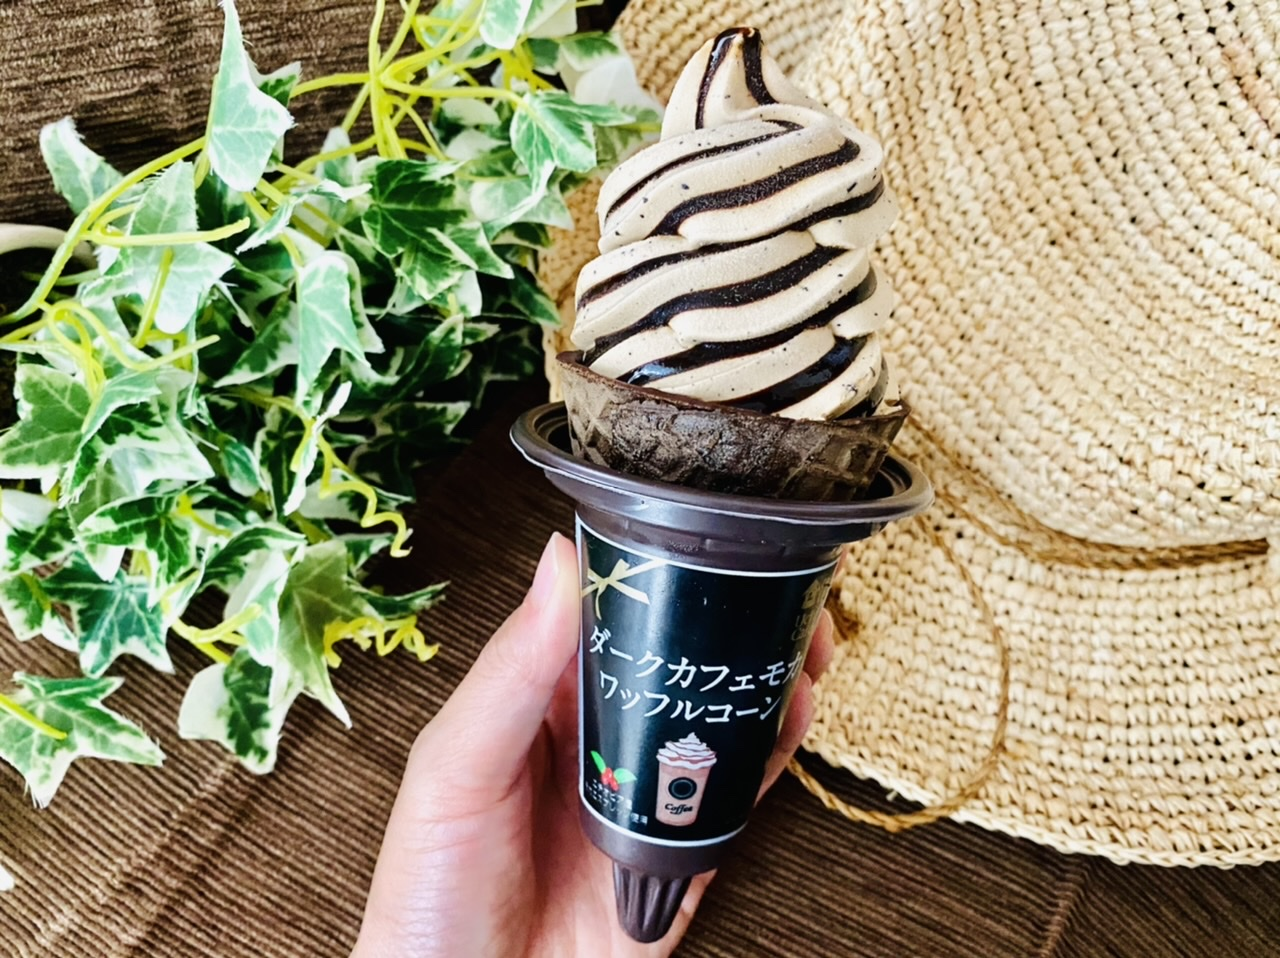 【ローソン】とんでもなく美味しい!オトナのアイス《ダークカフェモカワッフルコーン》_2